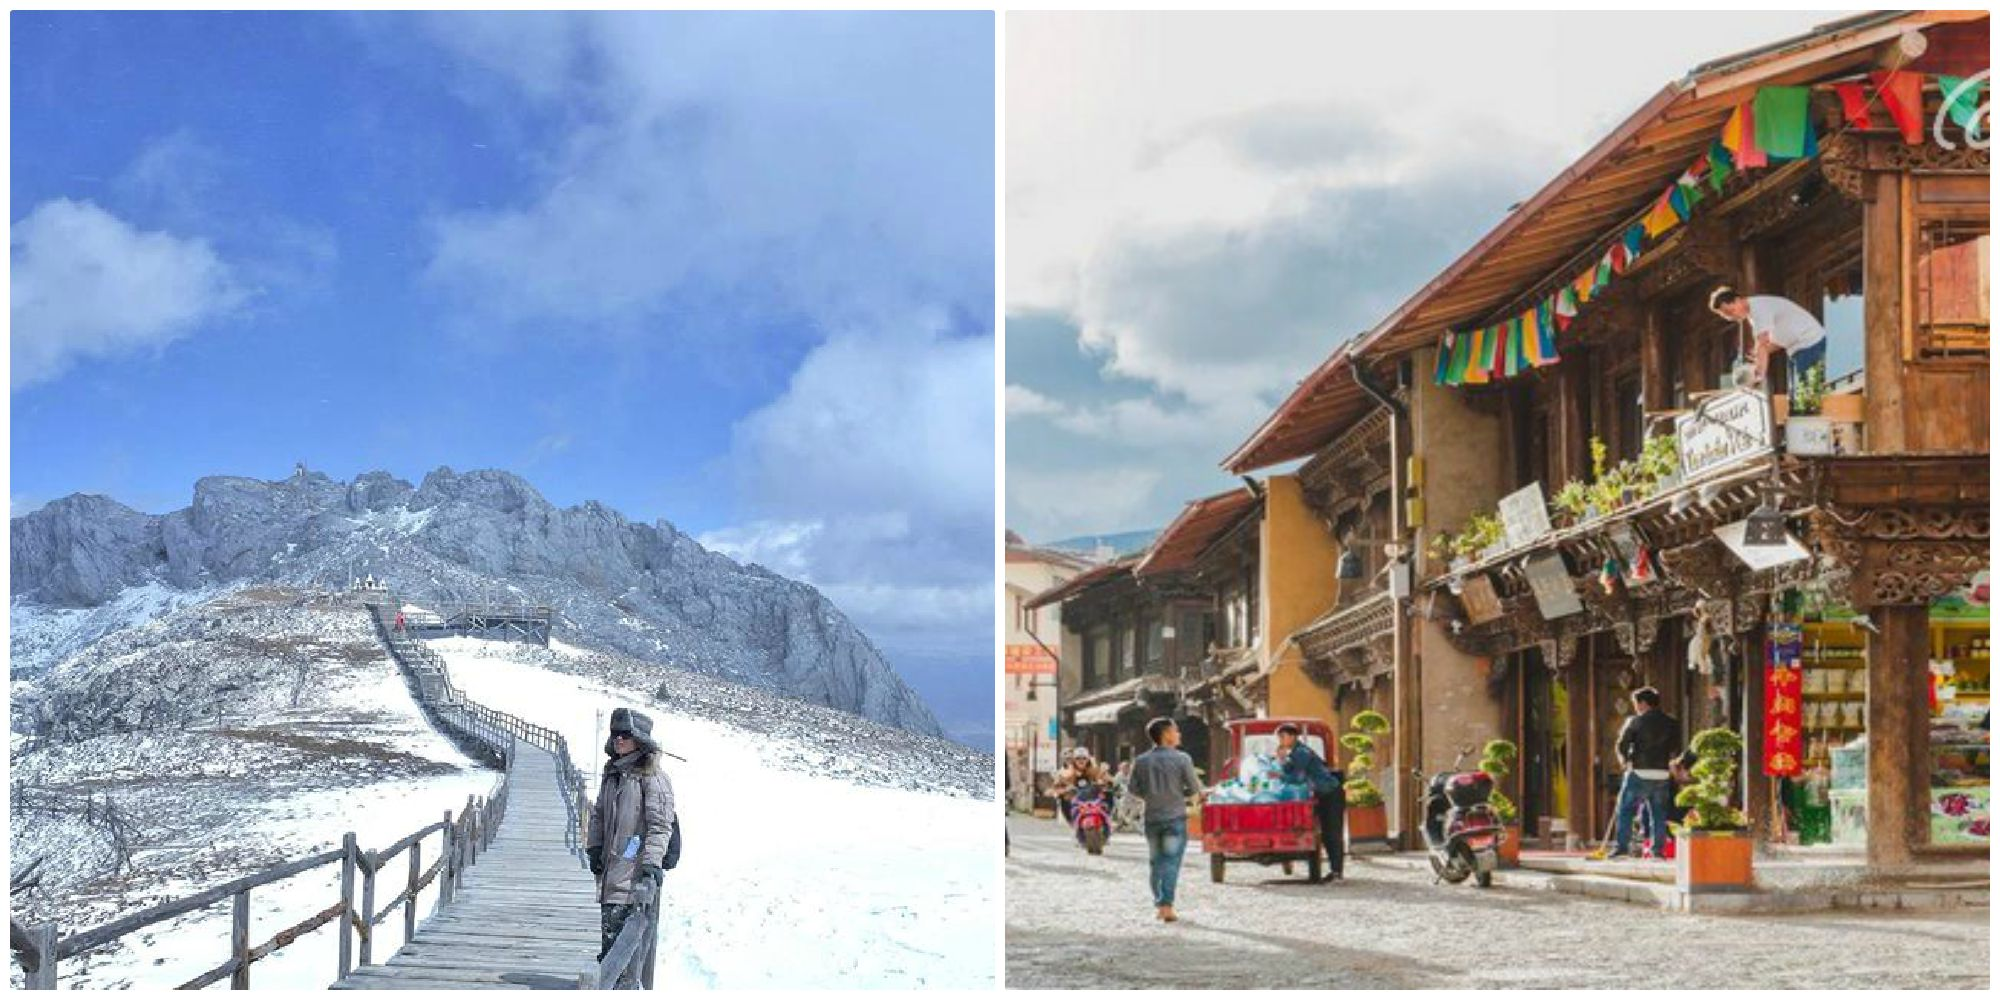 Đón tuyết sớm ở Thạch Ca Tuyết Sơn - ngọn núi tuyết nổi tiếng nhất Shangri-La